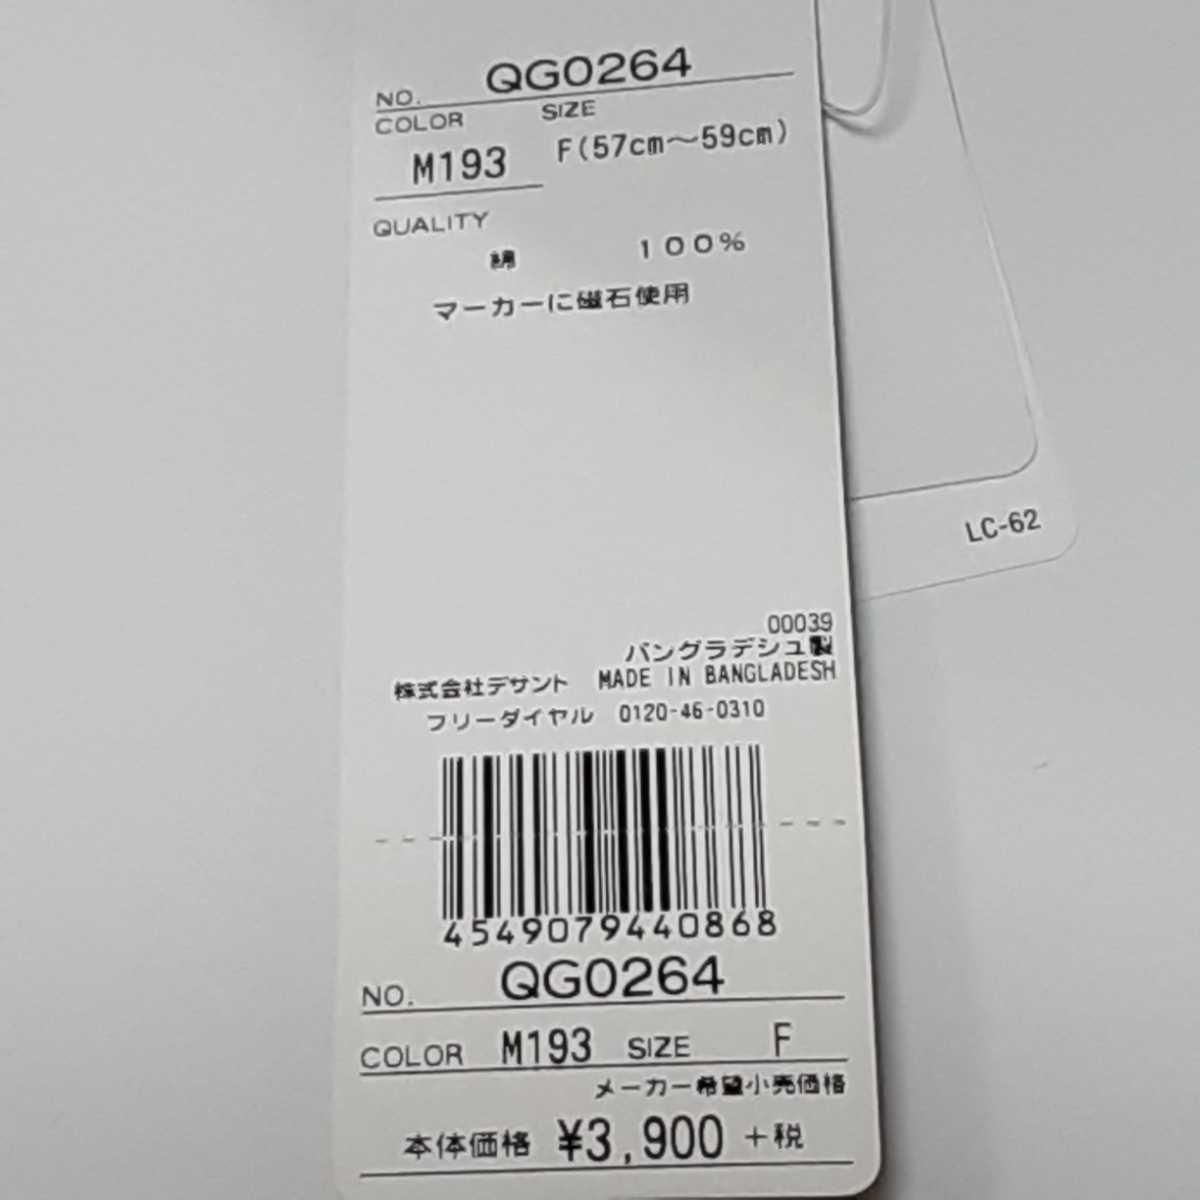 送料無料★ルコック スポルティフ(le coq sportif) ロゴキャップ★新品★マーカー付★57~59cm★06_画像4